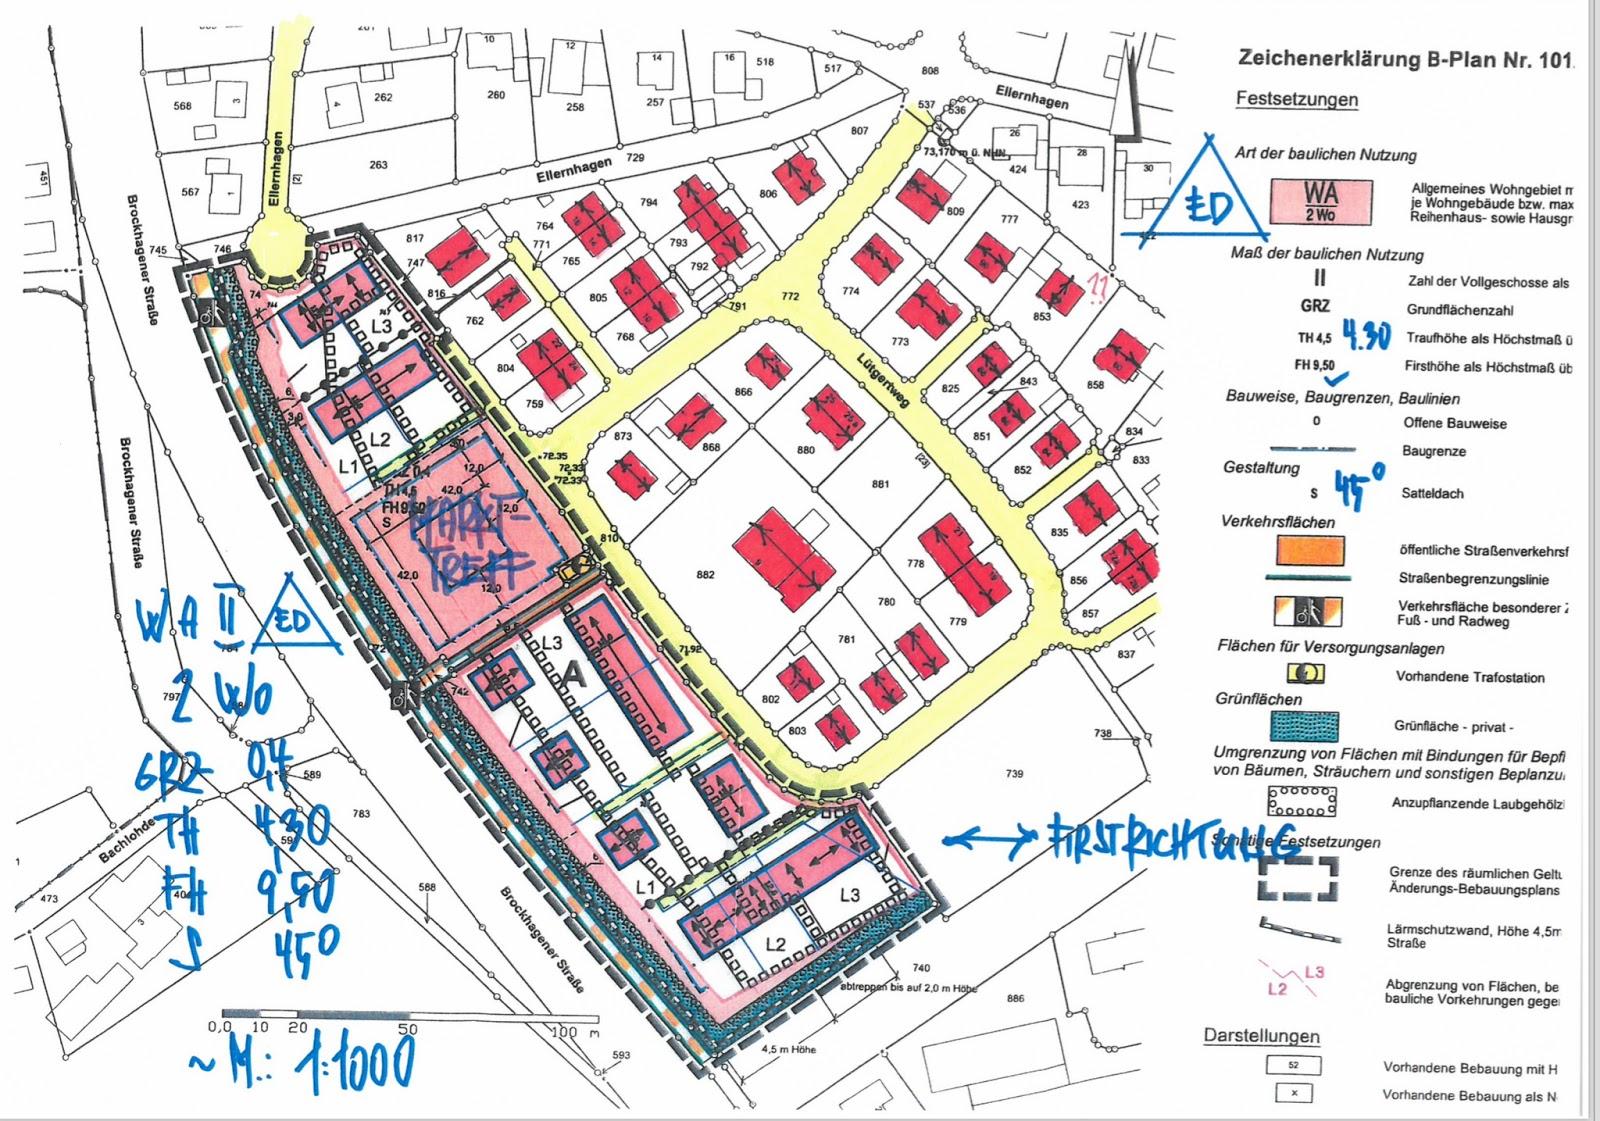 niehorst stellungnahmen zum neuen bebauungsplan der stadt g tersloh liegen zur unterschrift aus. Black Bedroom Furniture Sets. Home Design Ideas